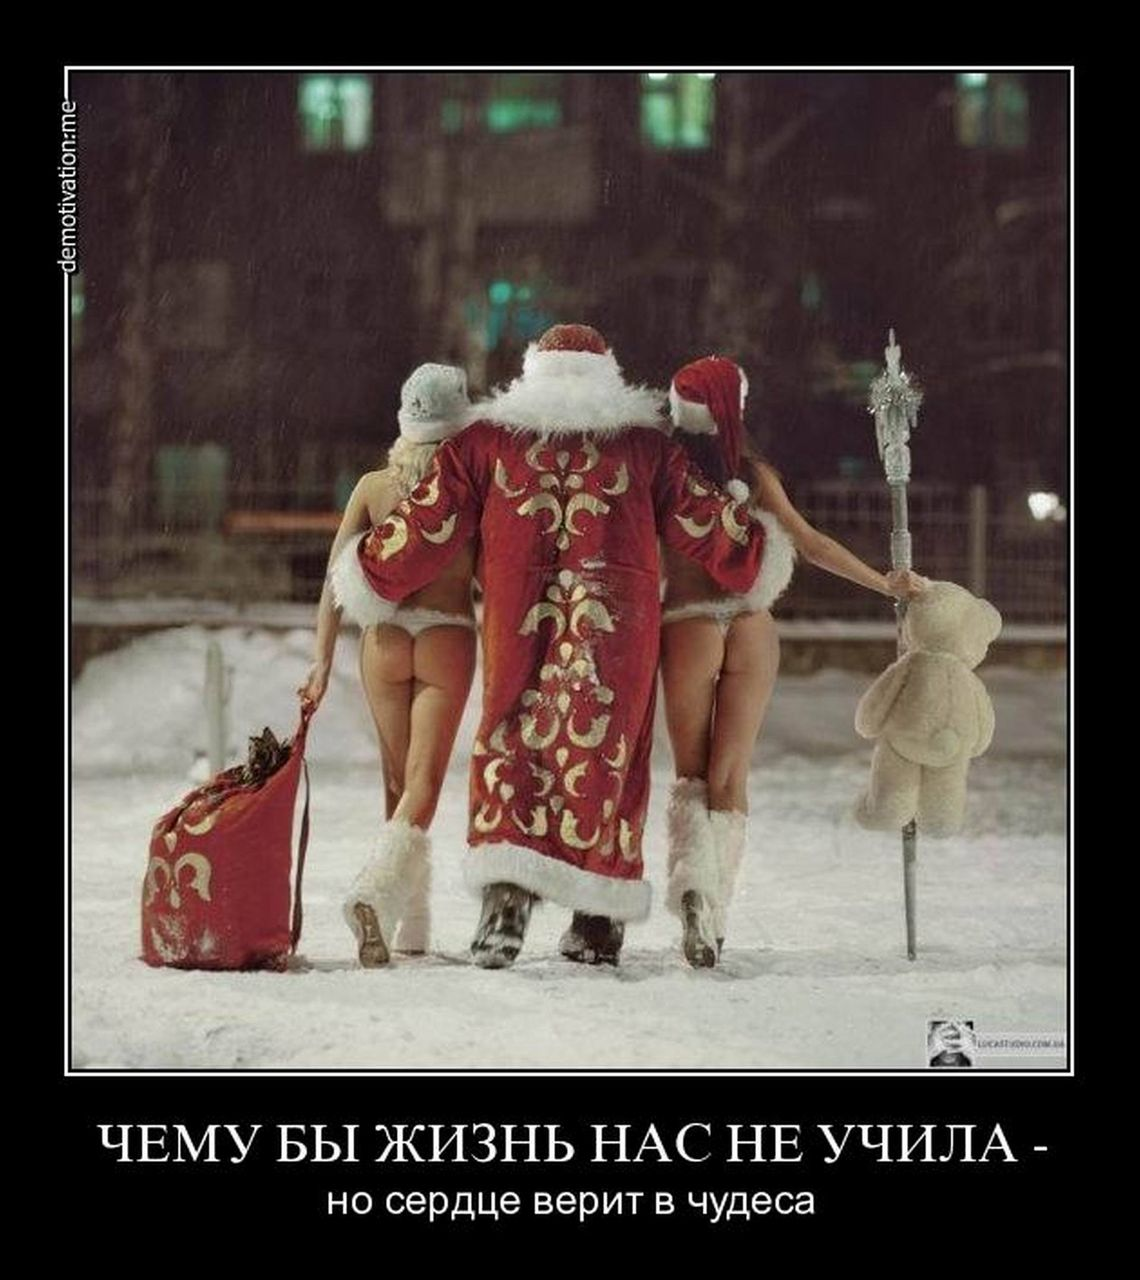 Сексуальный дед мороз фото 16 фотография